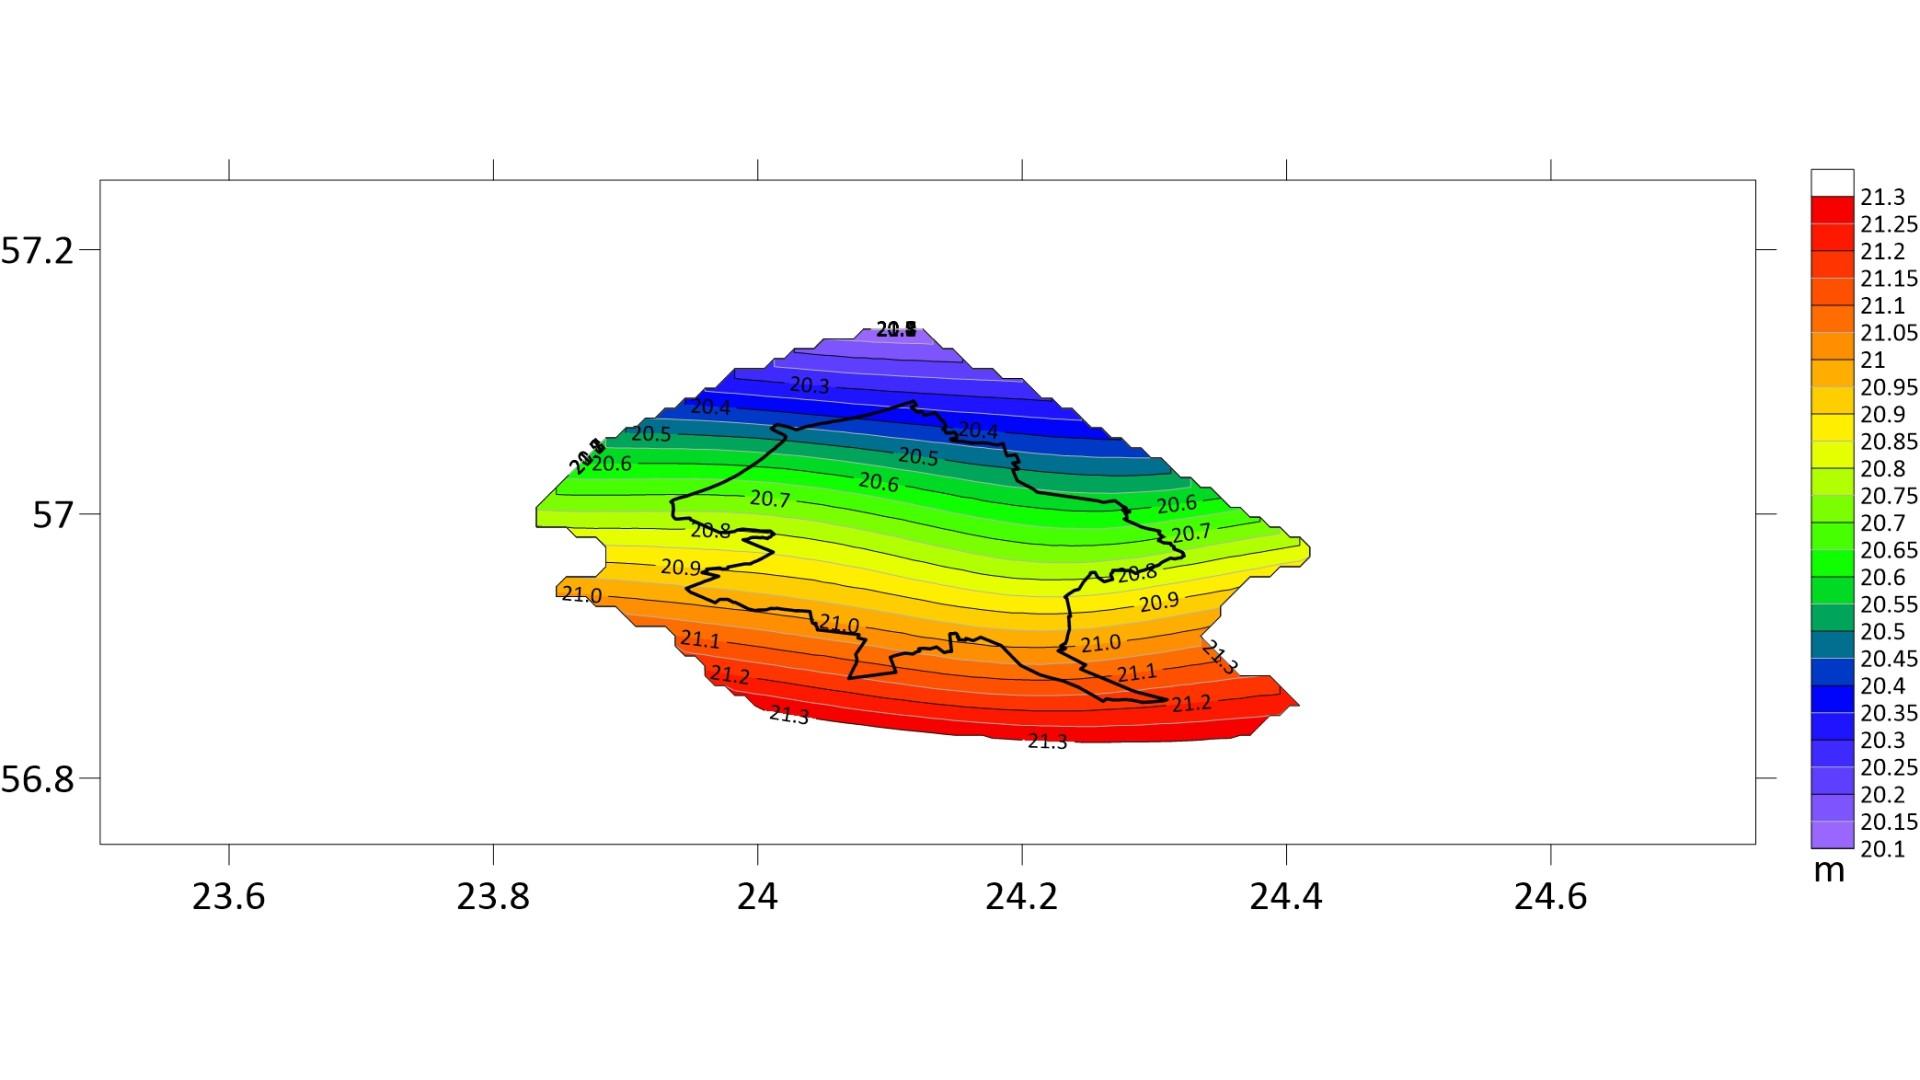 Ilustratīvs attēls ar RIGA'20 kvaziģeoīda faila pārklājumu